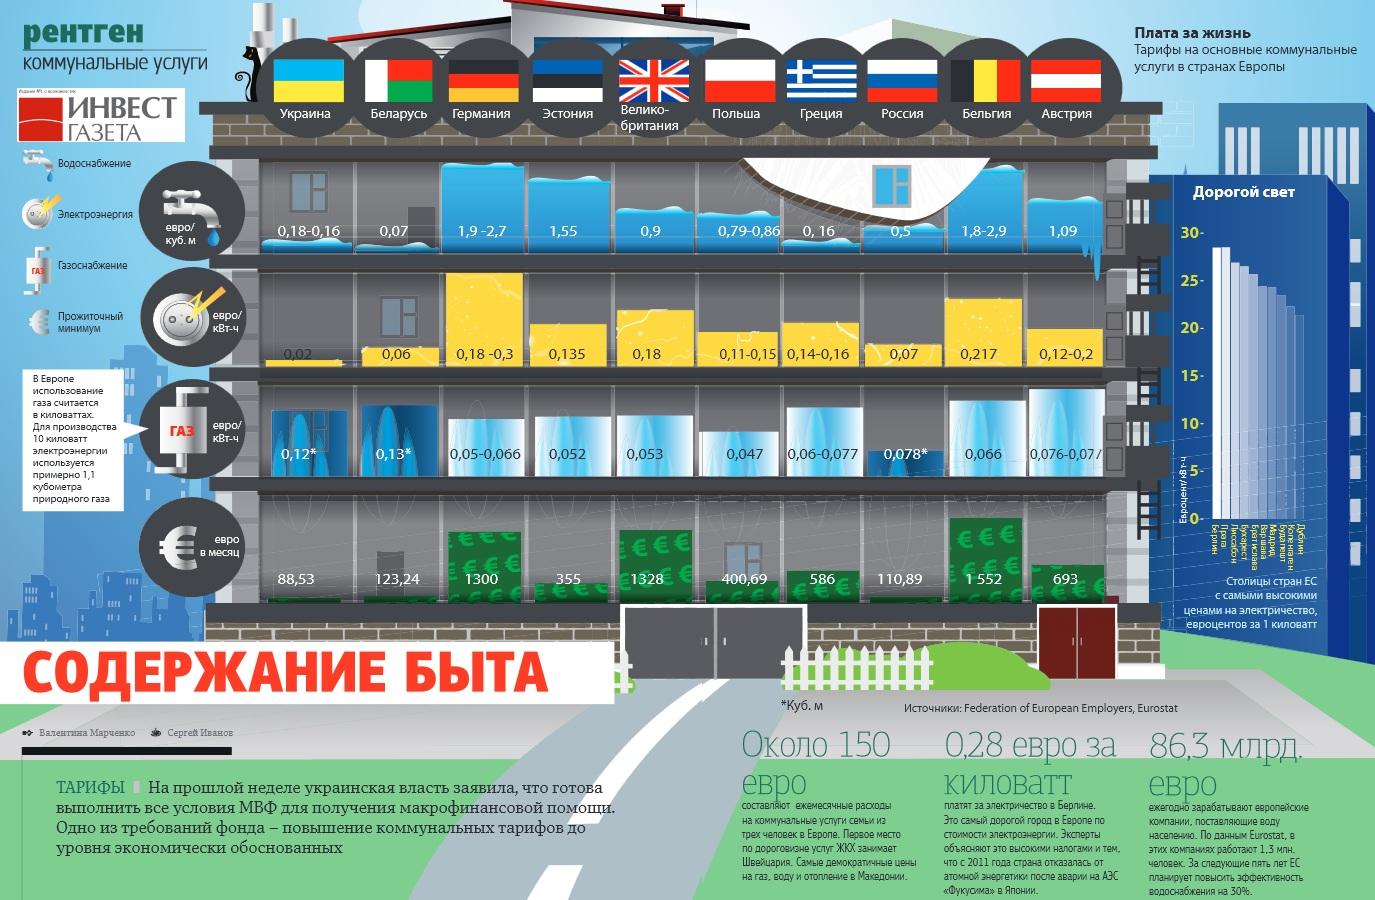 Сколько платят за коммунальные услуги в Украине и в Европе